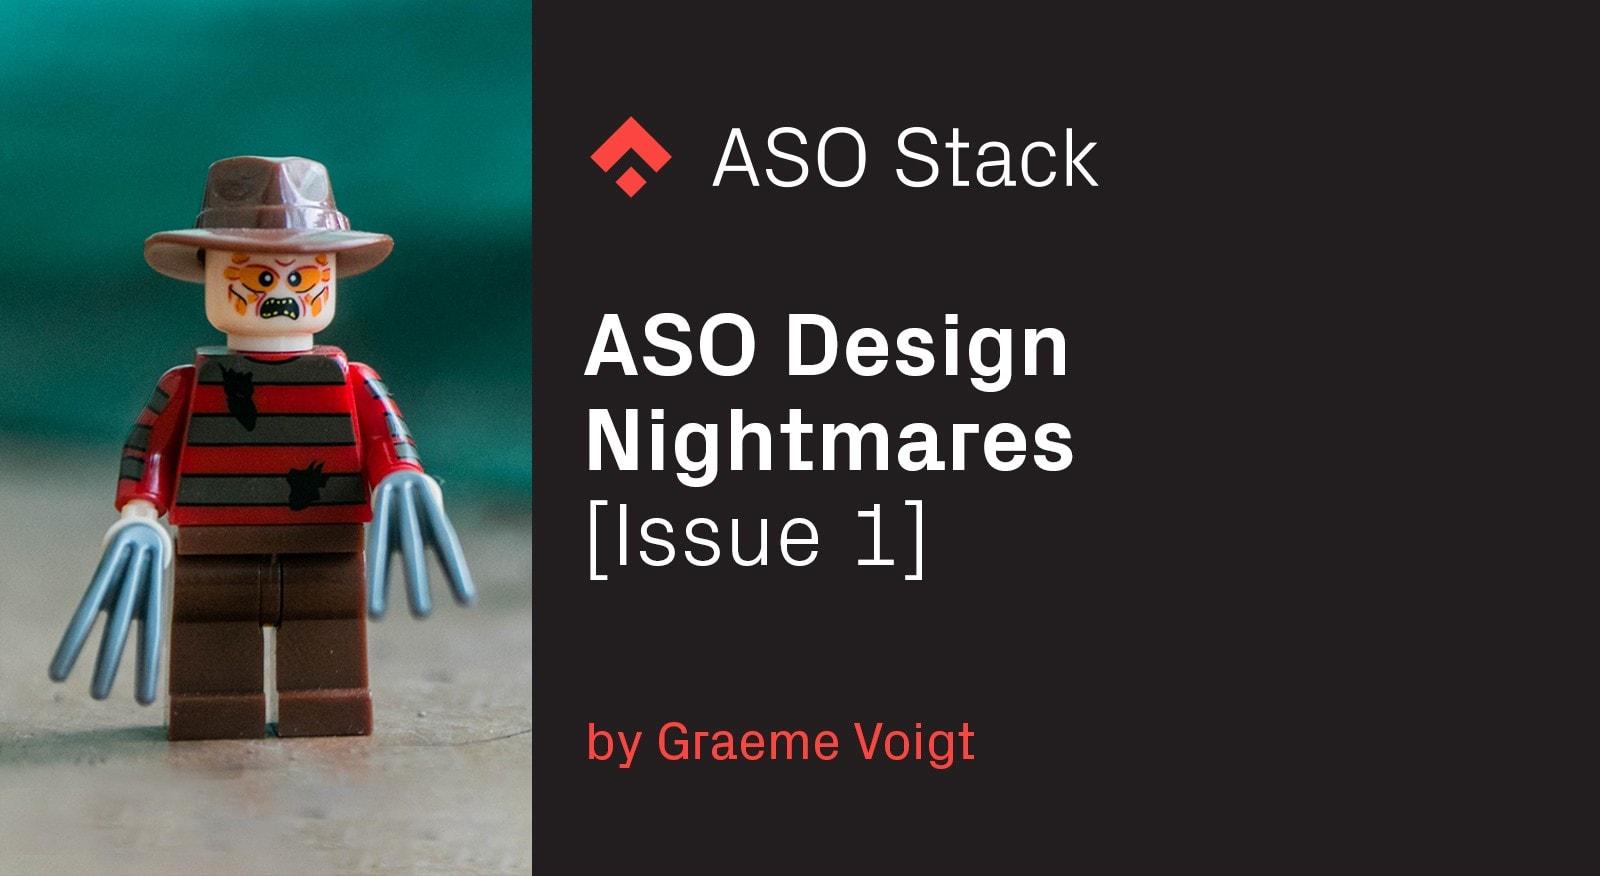 ASO Design Nightmares